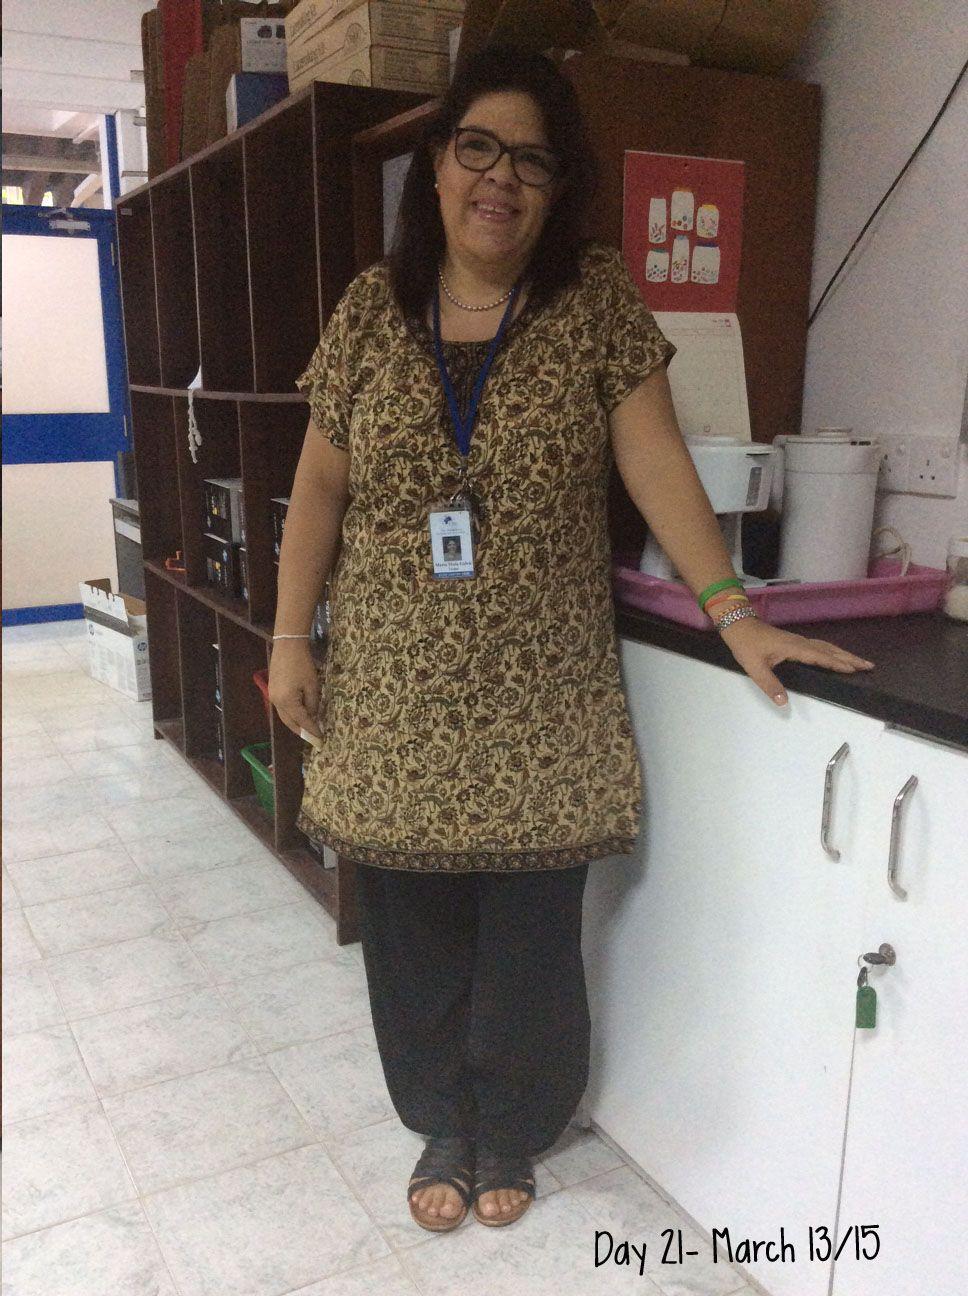 Day 21 - #ClosetChallenge - Pantalón y blusa comprados en Jaipur, India. Muy estilo indio, poco lo uso pero me encanta.